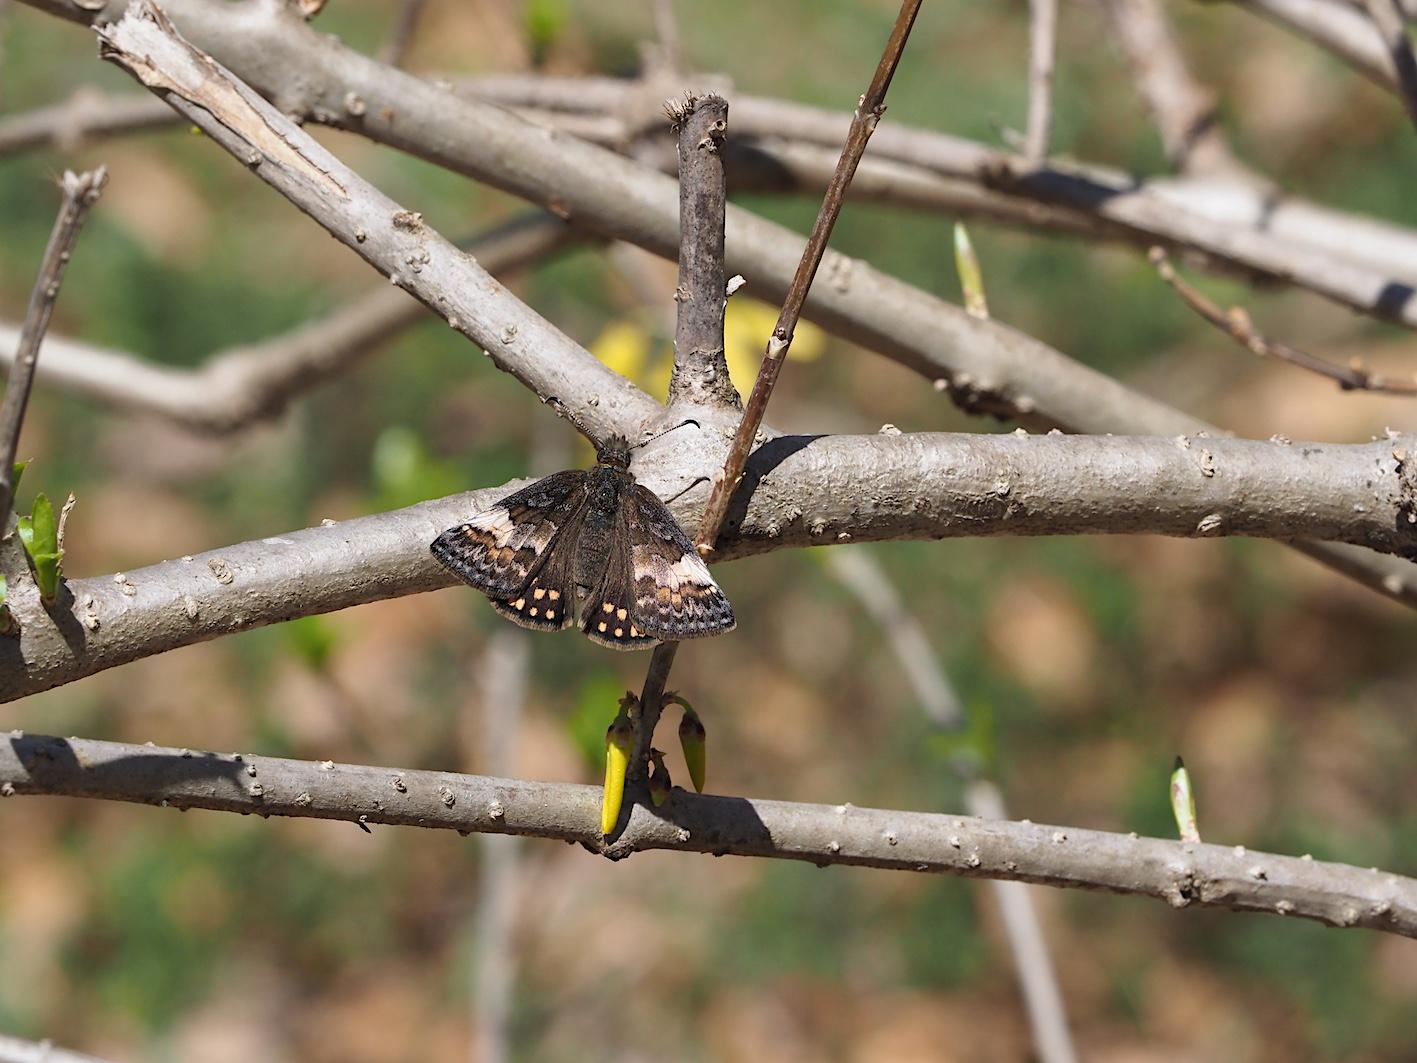 アセビにくる蝶たち、ミヤマセセリ(2019年3月26日)_d0303129_1515446.jpg